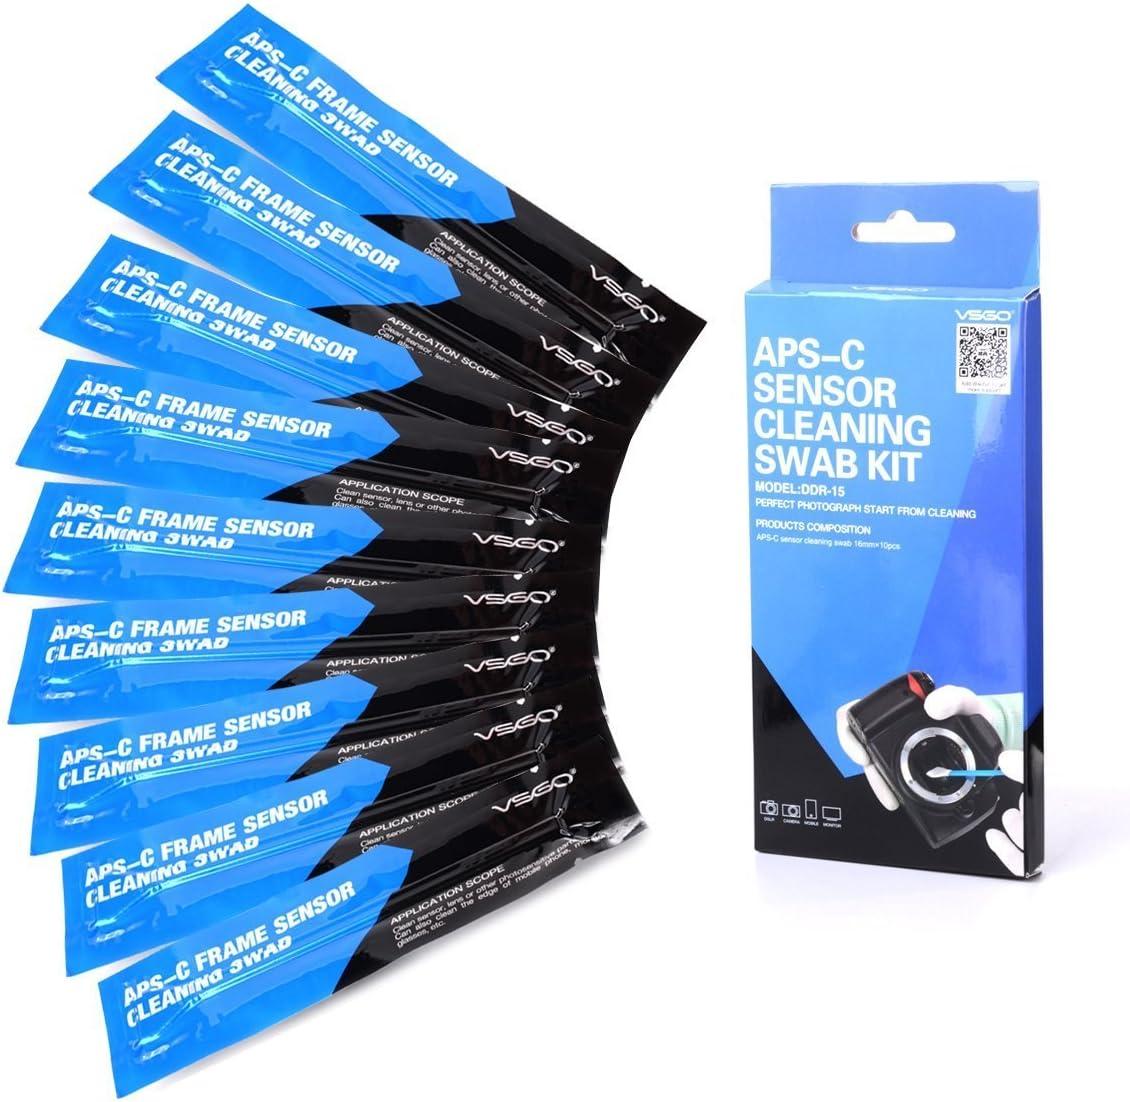 XCSOURCE® Kit de Limpieza Frame 10pcs Seco CCD SWAB APS-C para DSLR CCD CMOS Cámaras SLR DC580